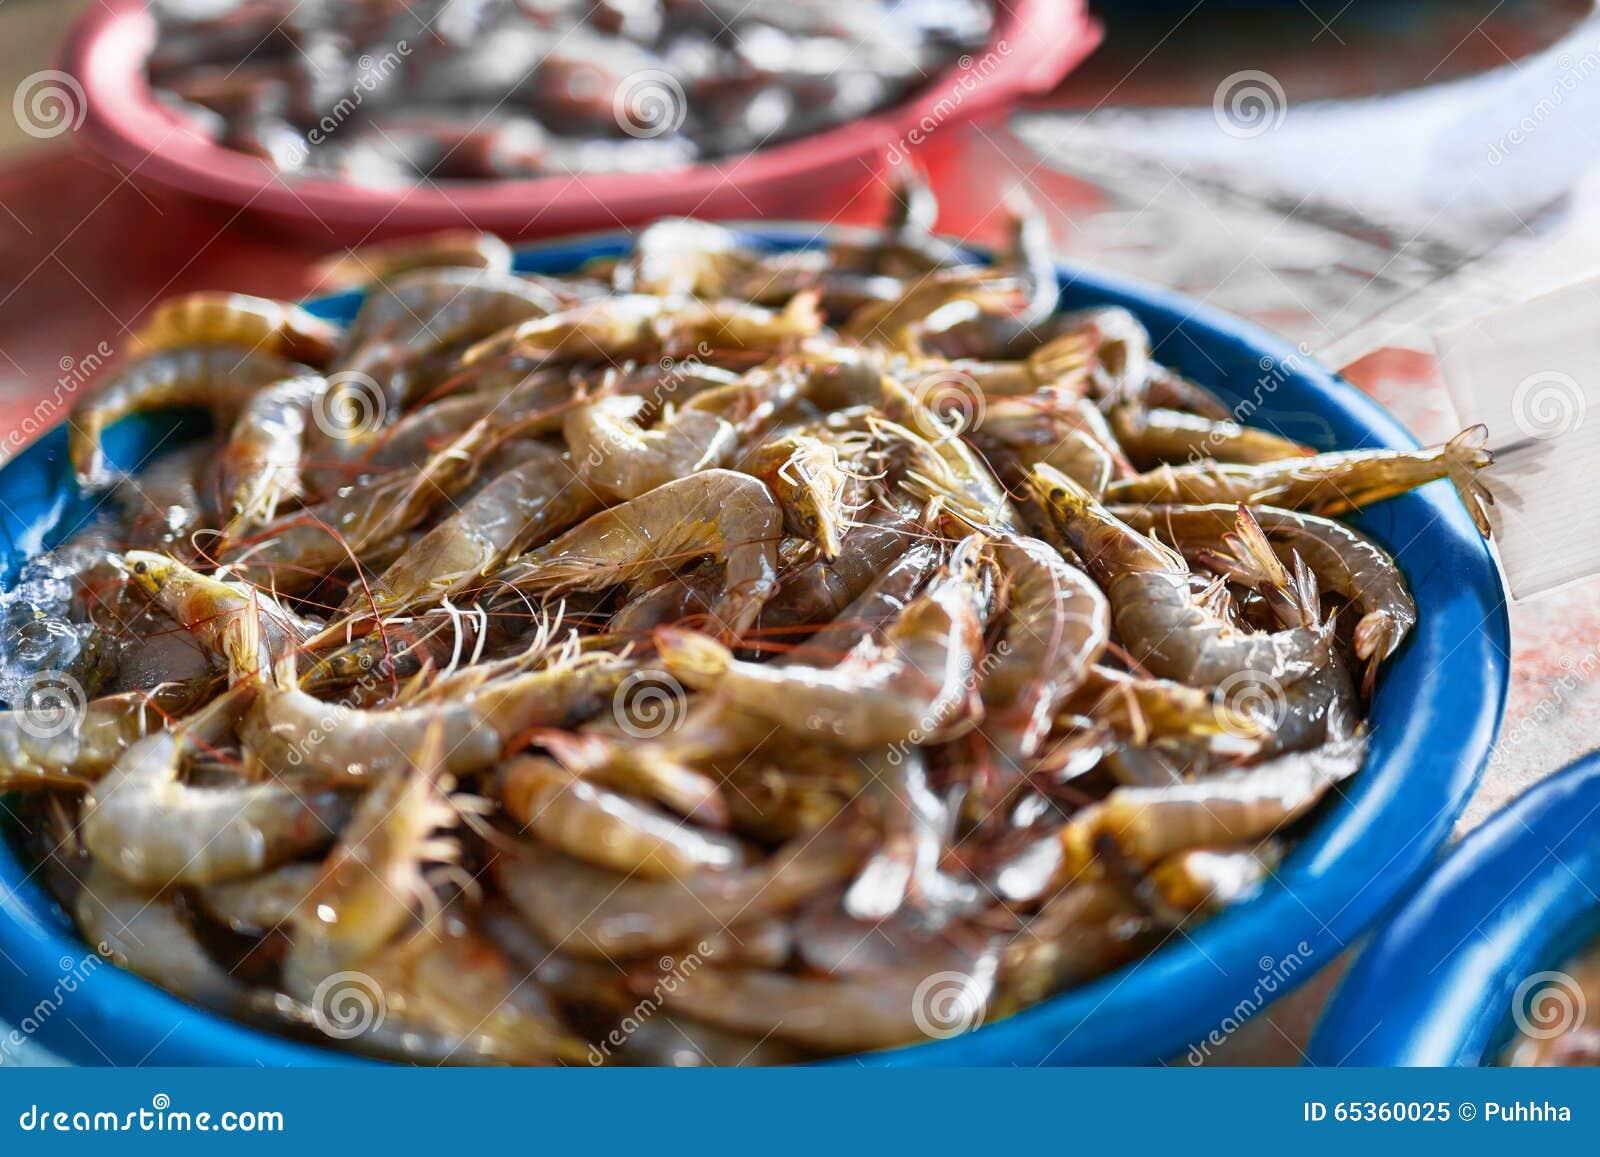 海鲜 新鲜的被捉住的虾(大虾)在农夫市场上 愈合